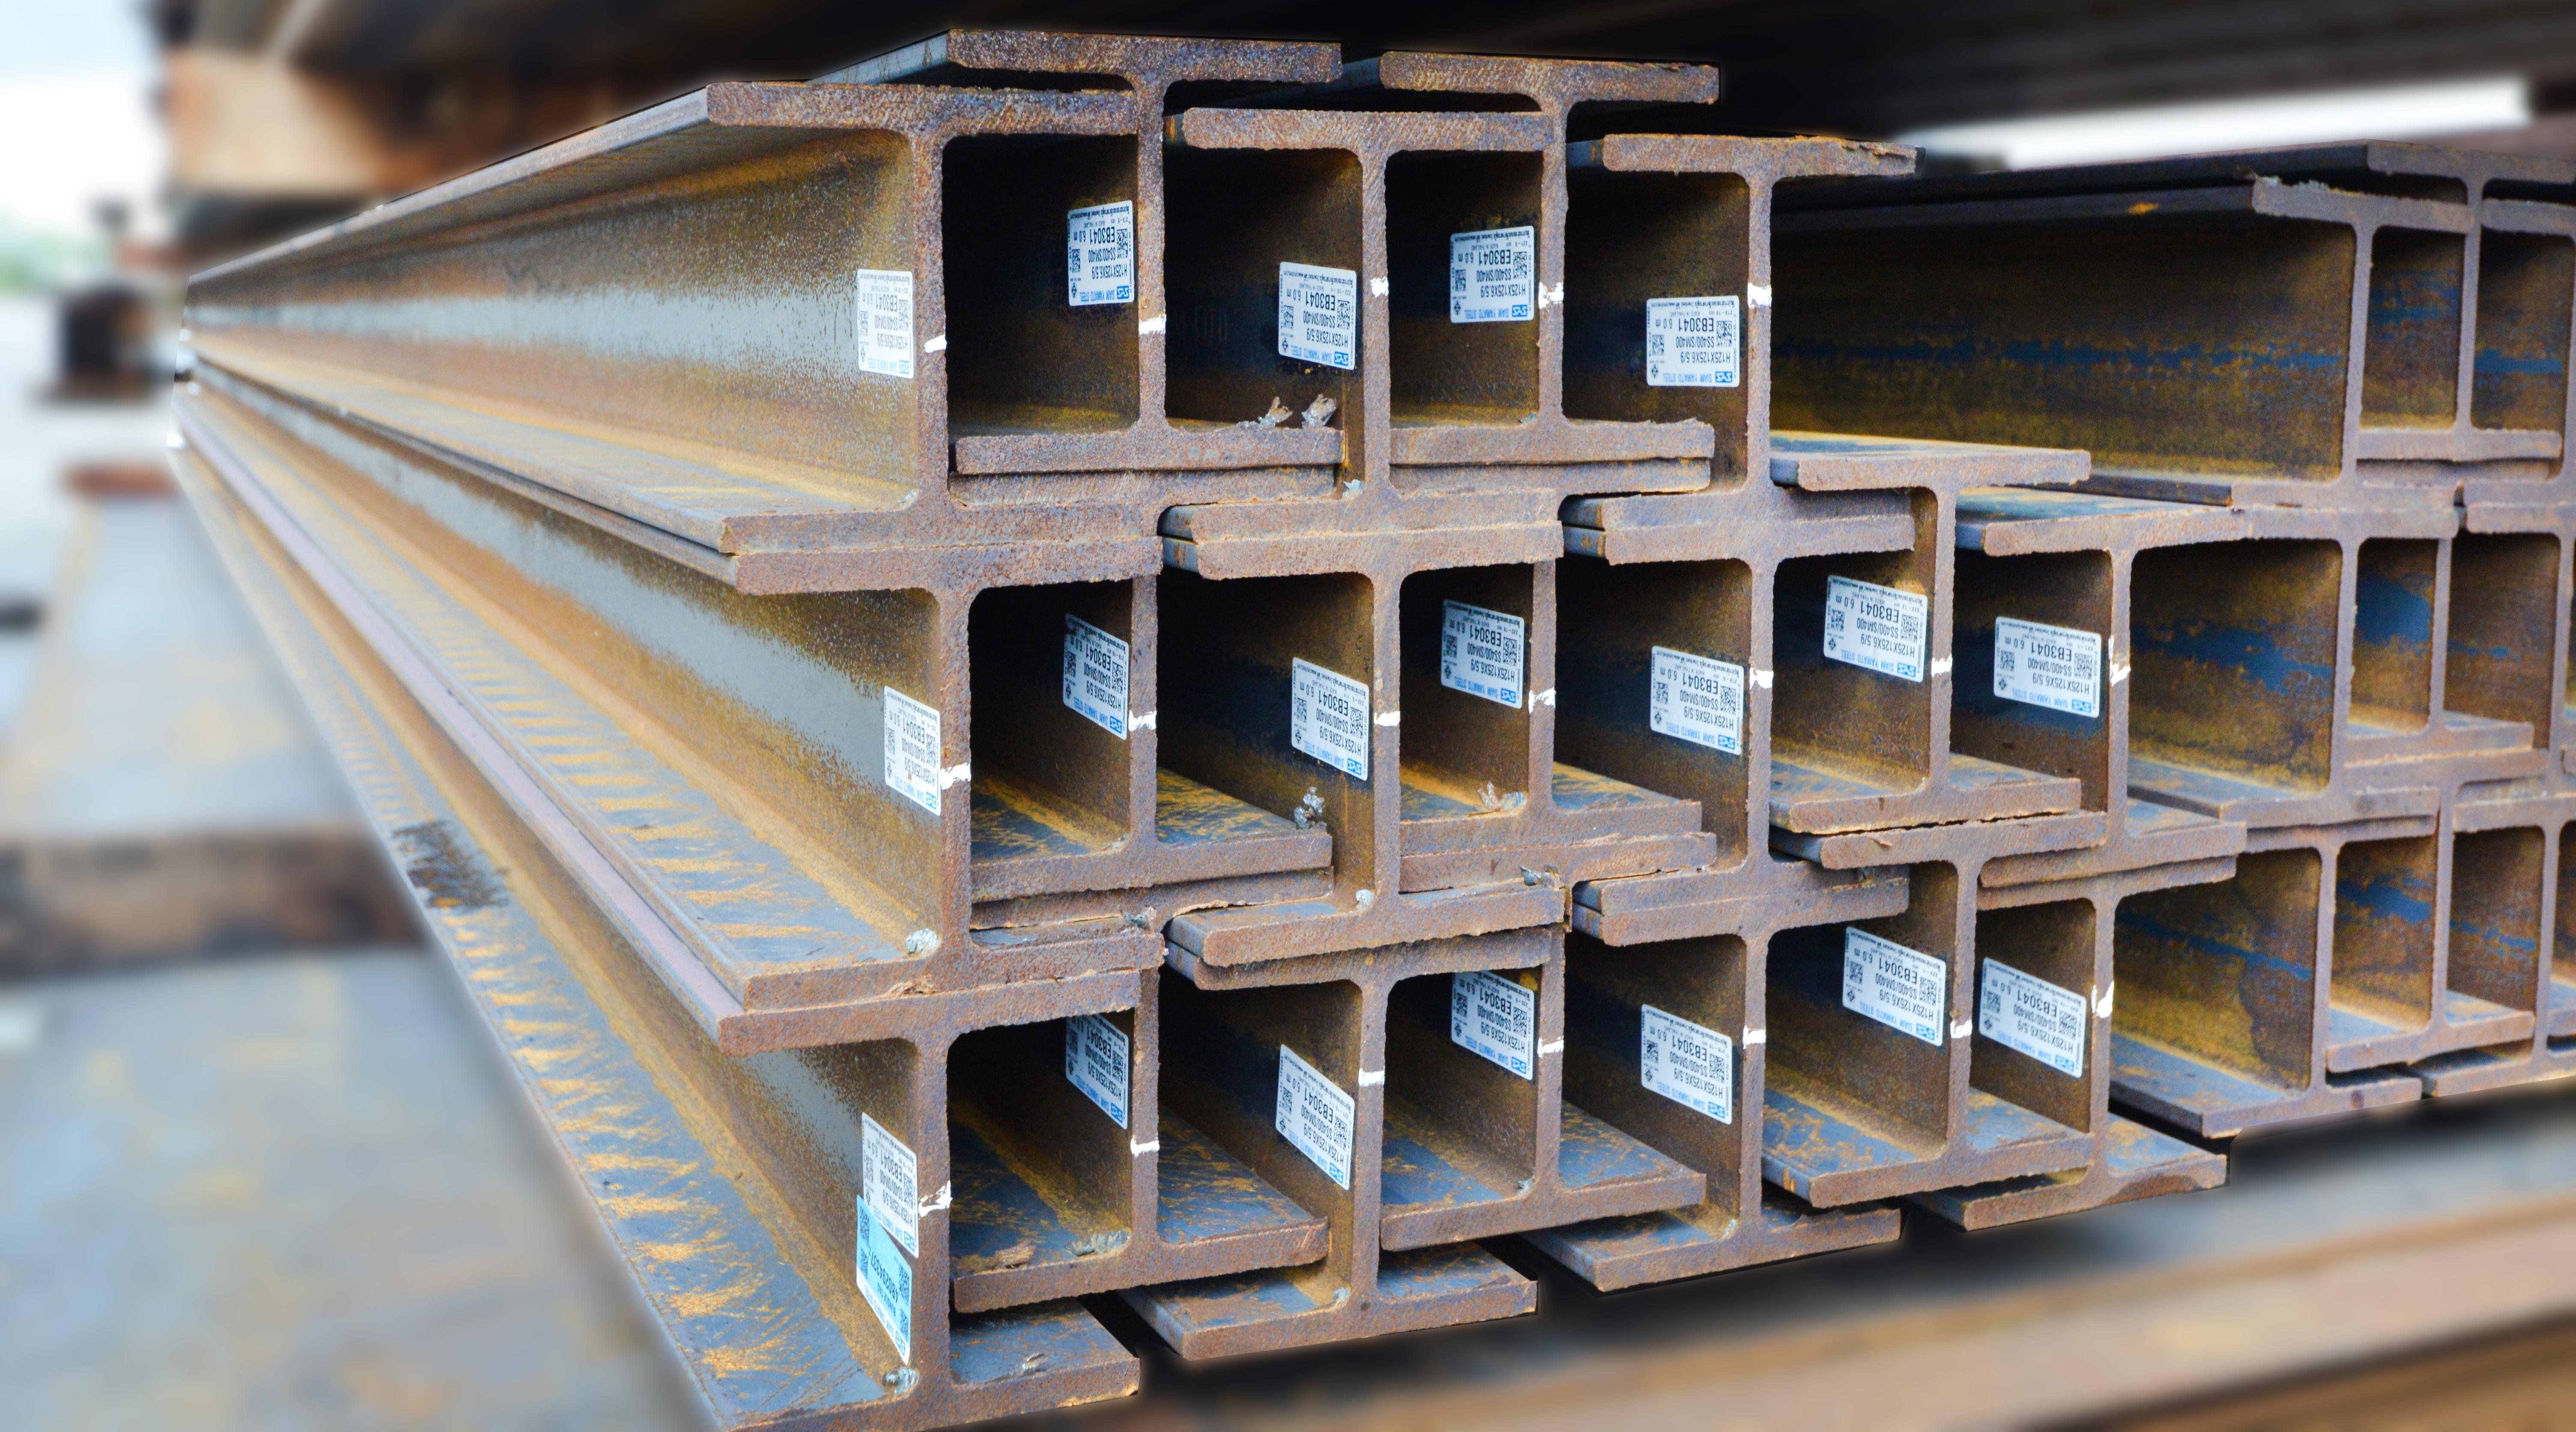 Holz Stehlen kostenlose foto holz strahl stehlen möbel stahlkonstruktion